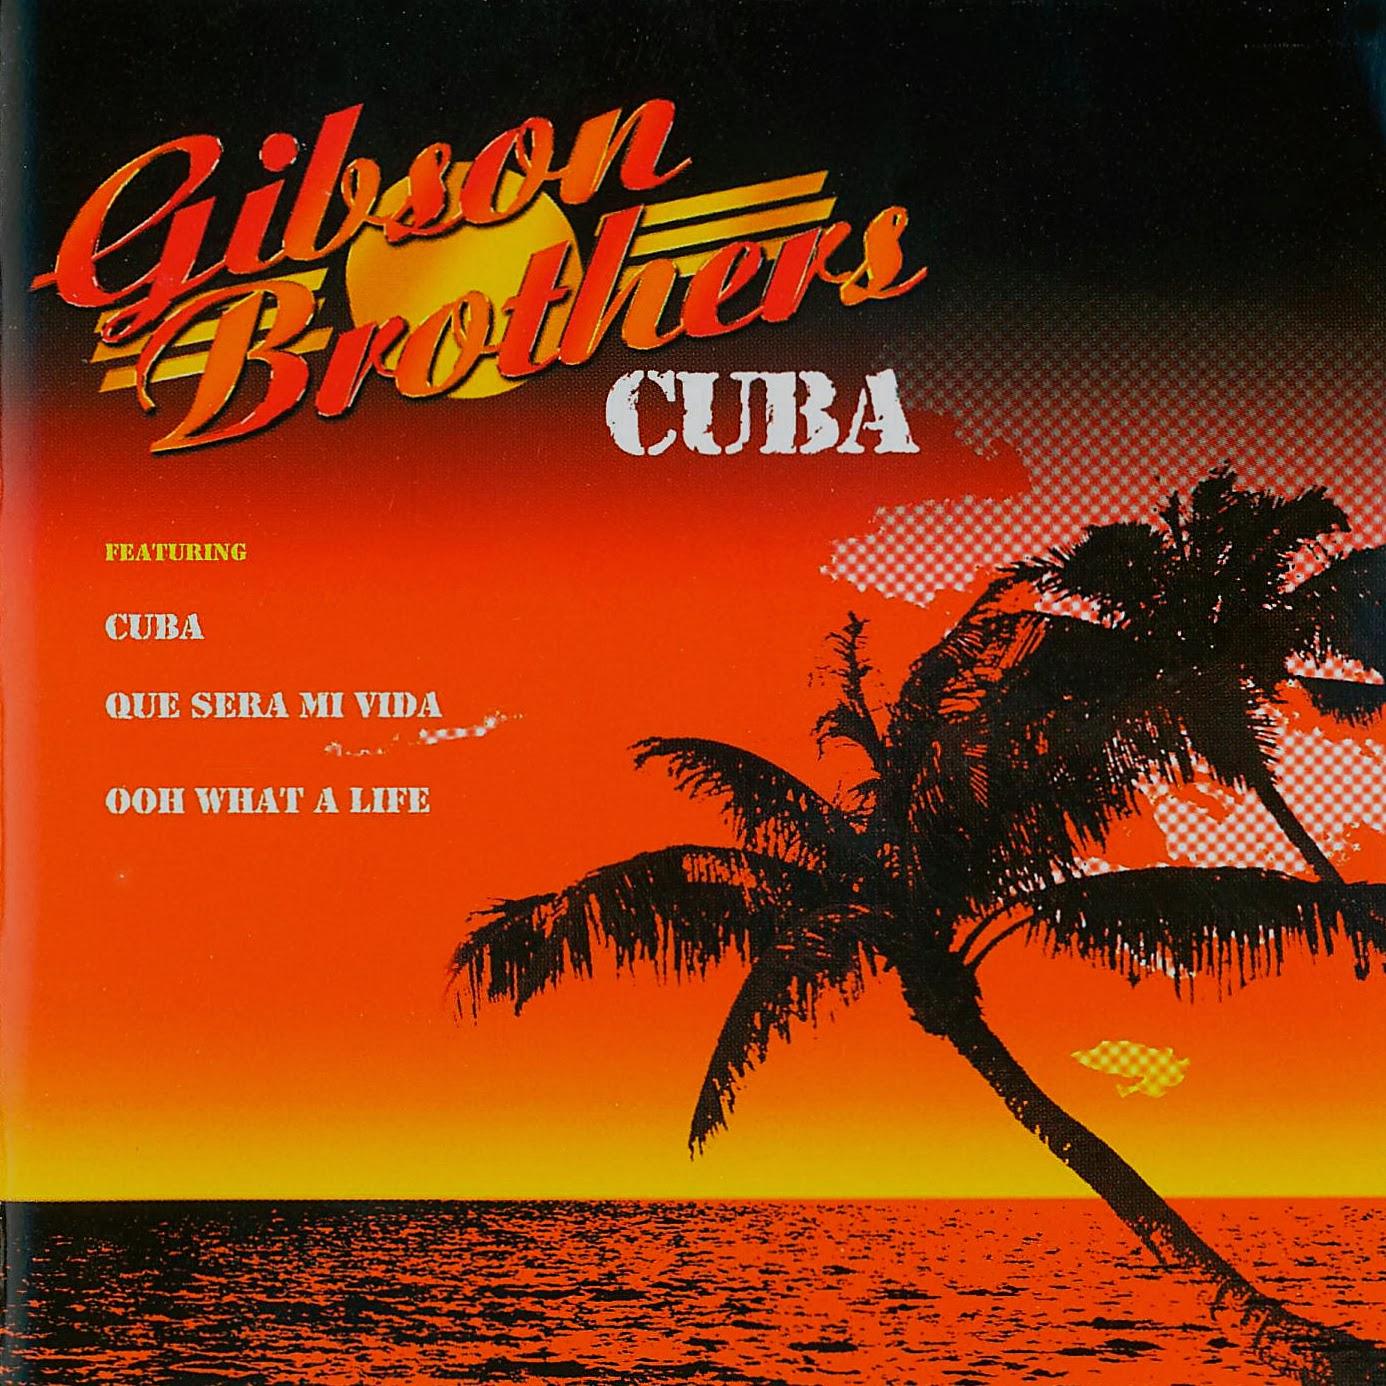 Gibson Brothers Cuba Que Sera Mi Vida If You Should Go